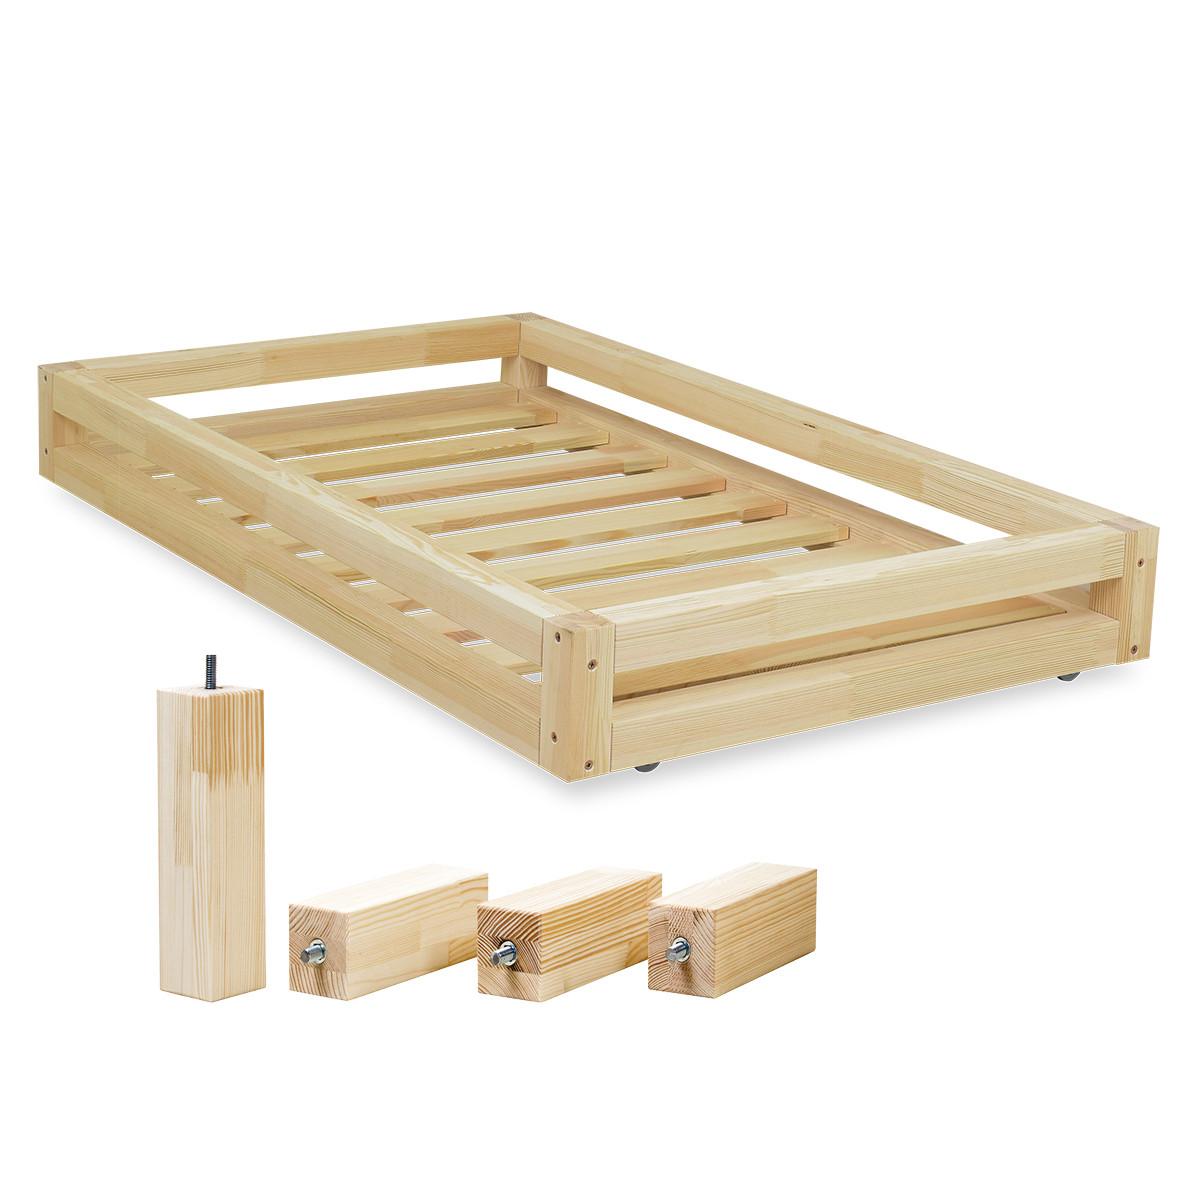 Full Size of Ausziehbares Doppelbett Europe Nature Bett Kinderbetten Betten Wohnzimmer Ausziehbares Doppelbett